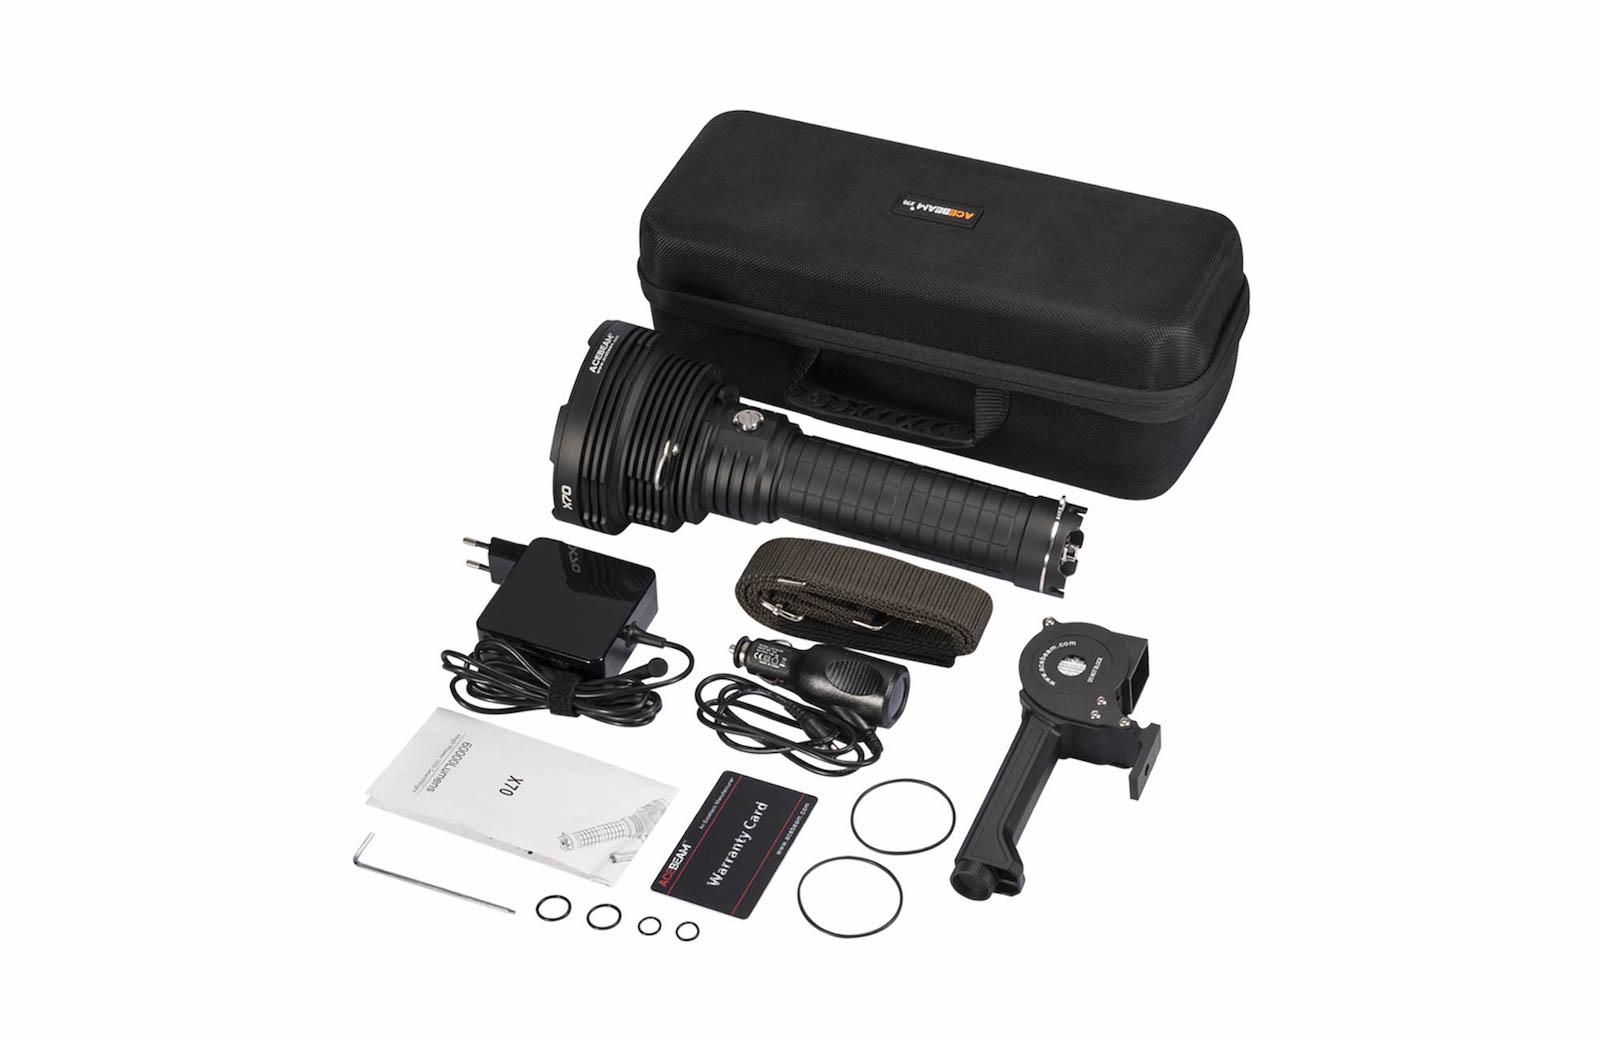 Contenu de l'emballage - Lampe X70 + Batterie AcebeamPoignée avec ventilateurChargeursSacoche et sangle de transportClé de serrageMode d'emploi et carte de garantieJoints toriques de rechange